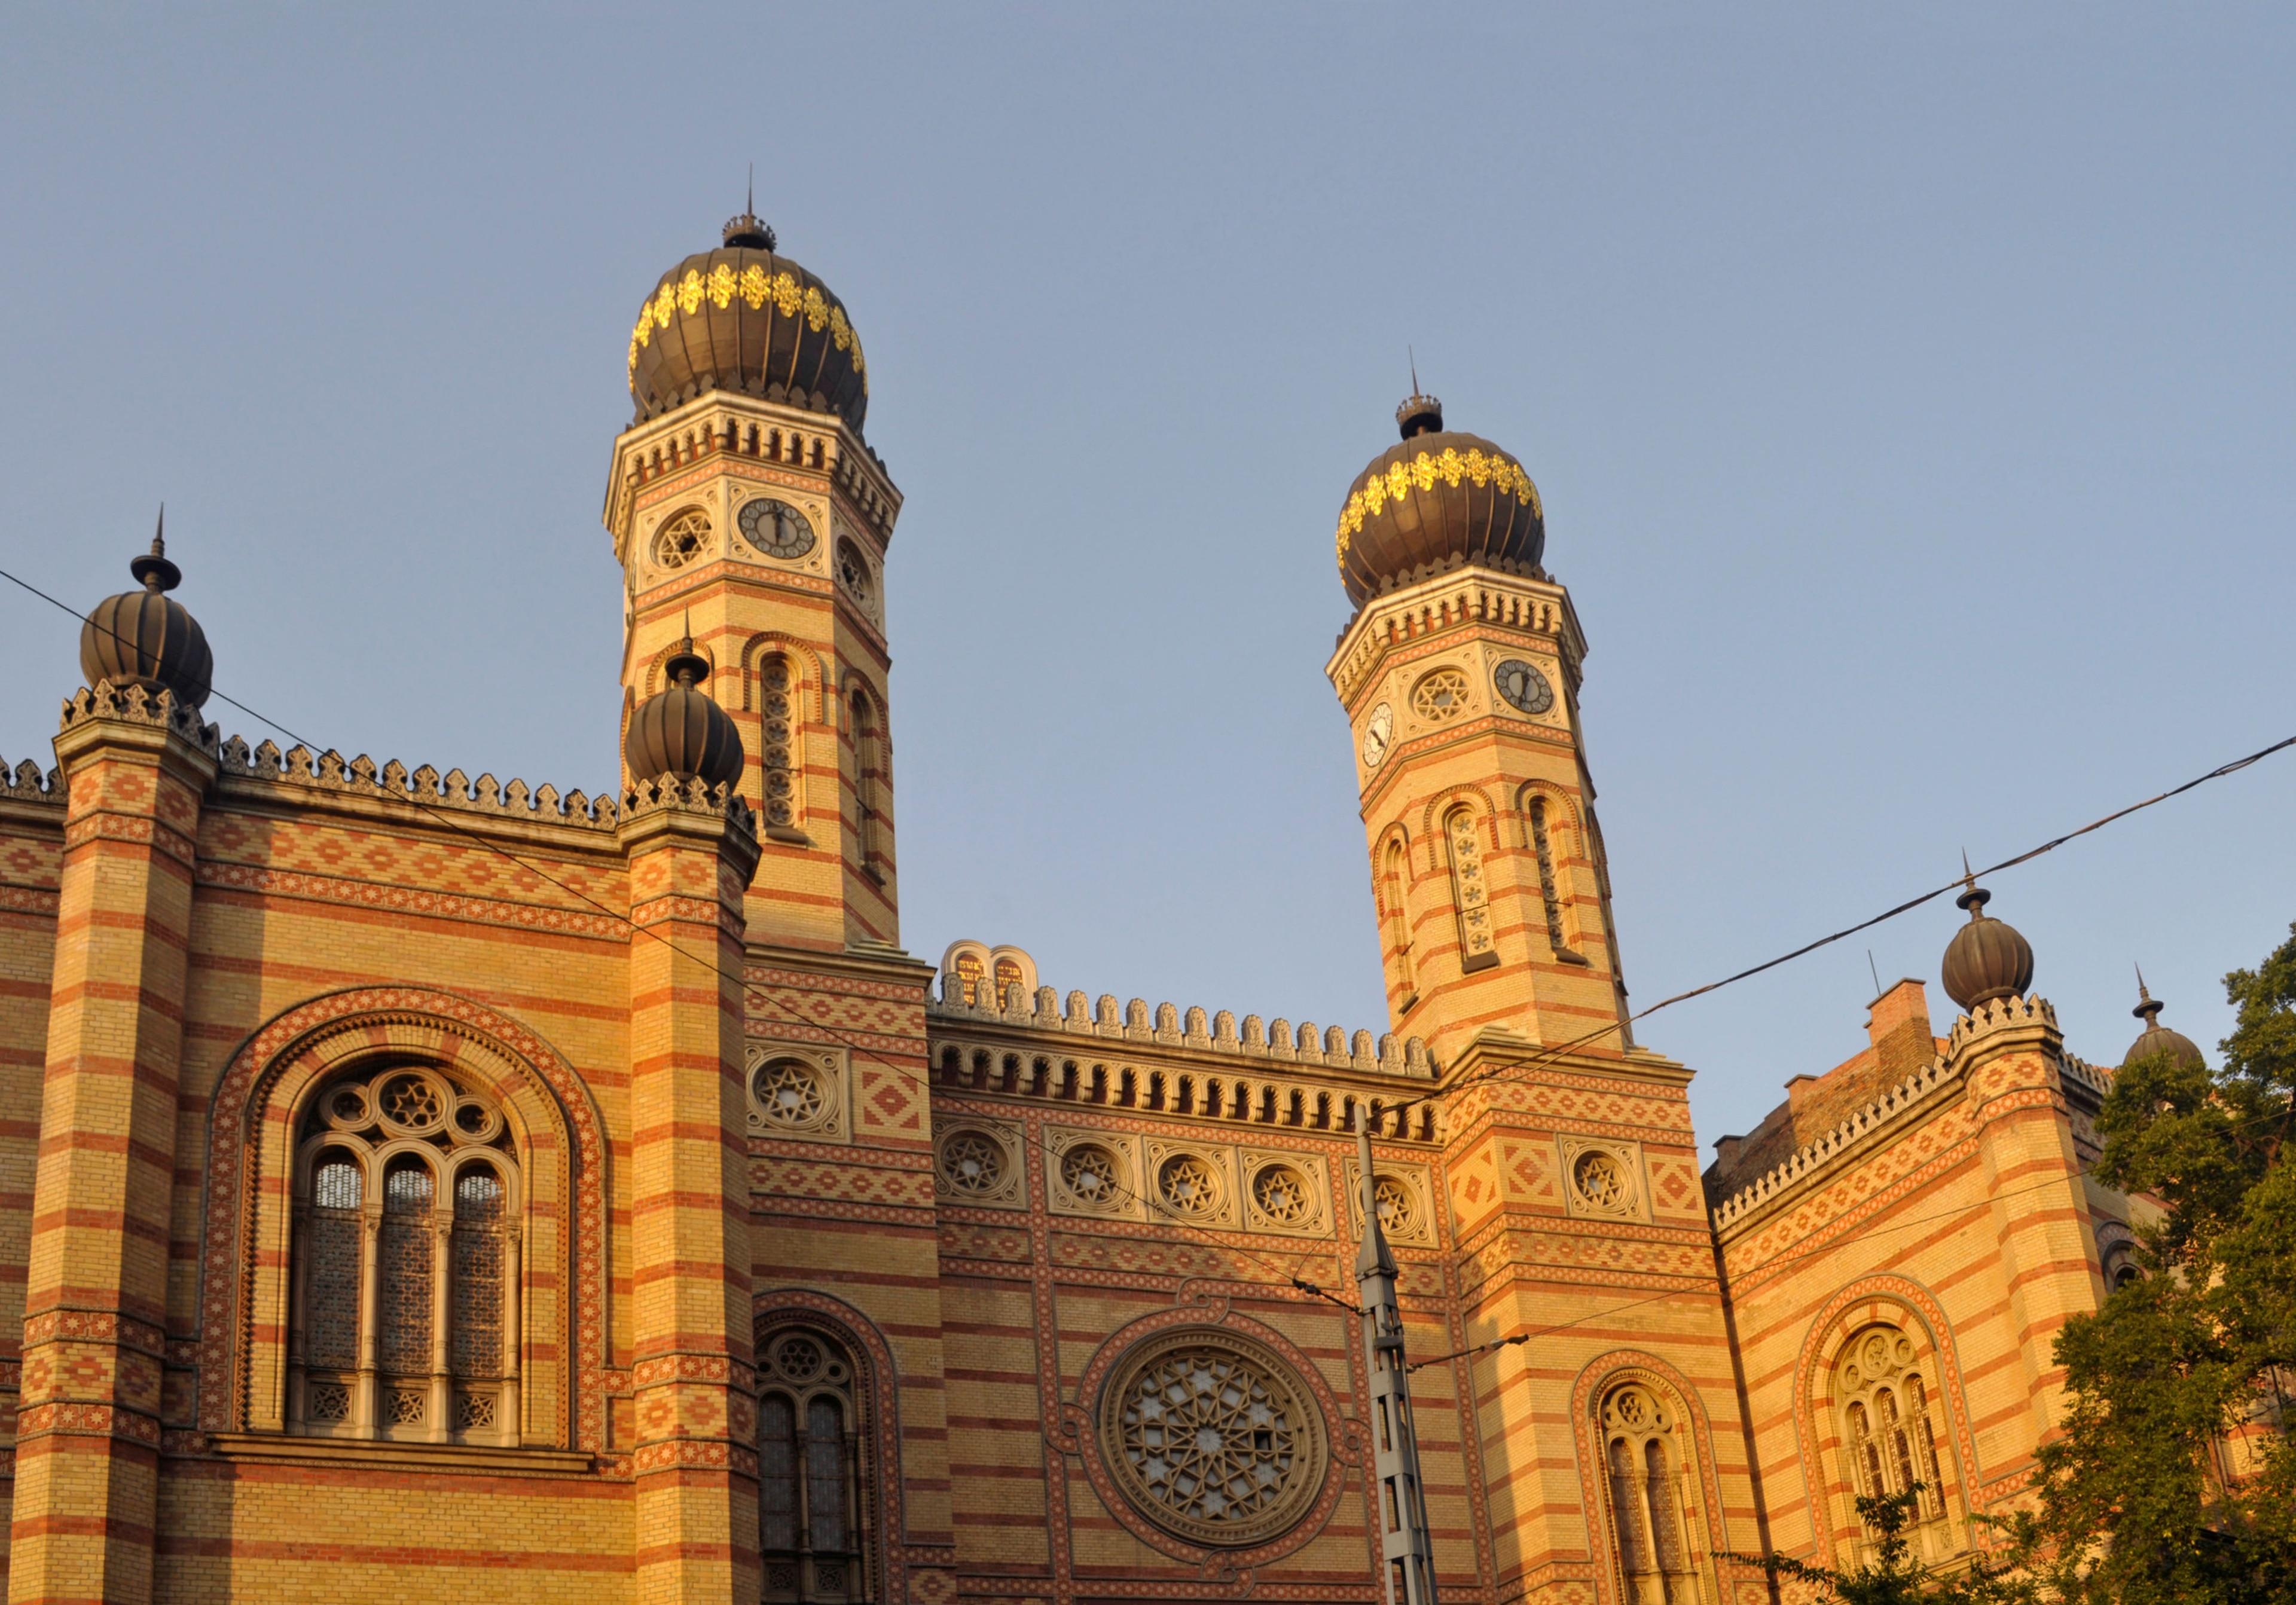 Erzsebetvaros, Budapest, Hungary